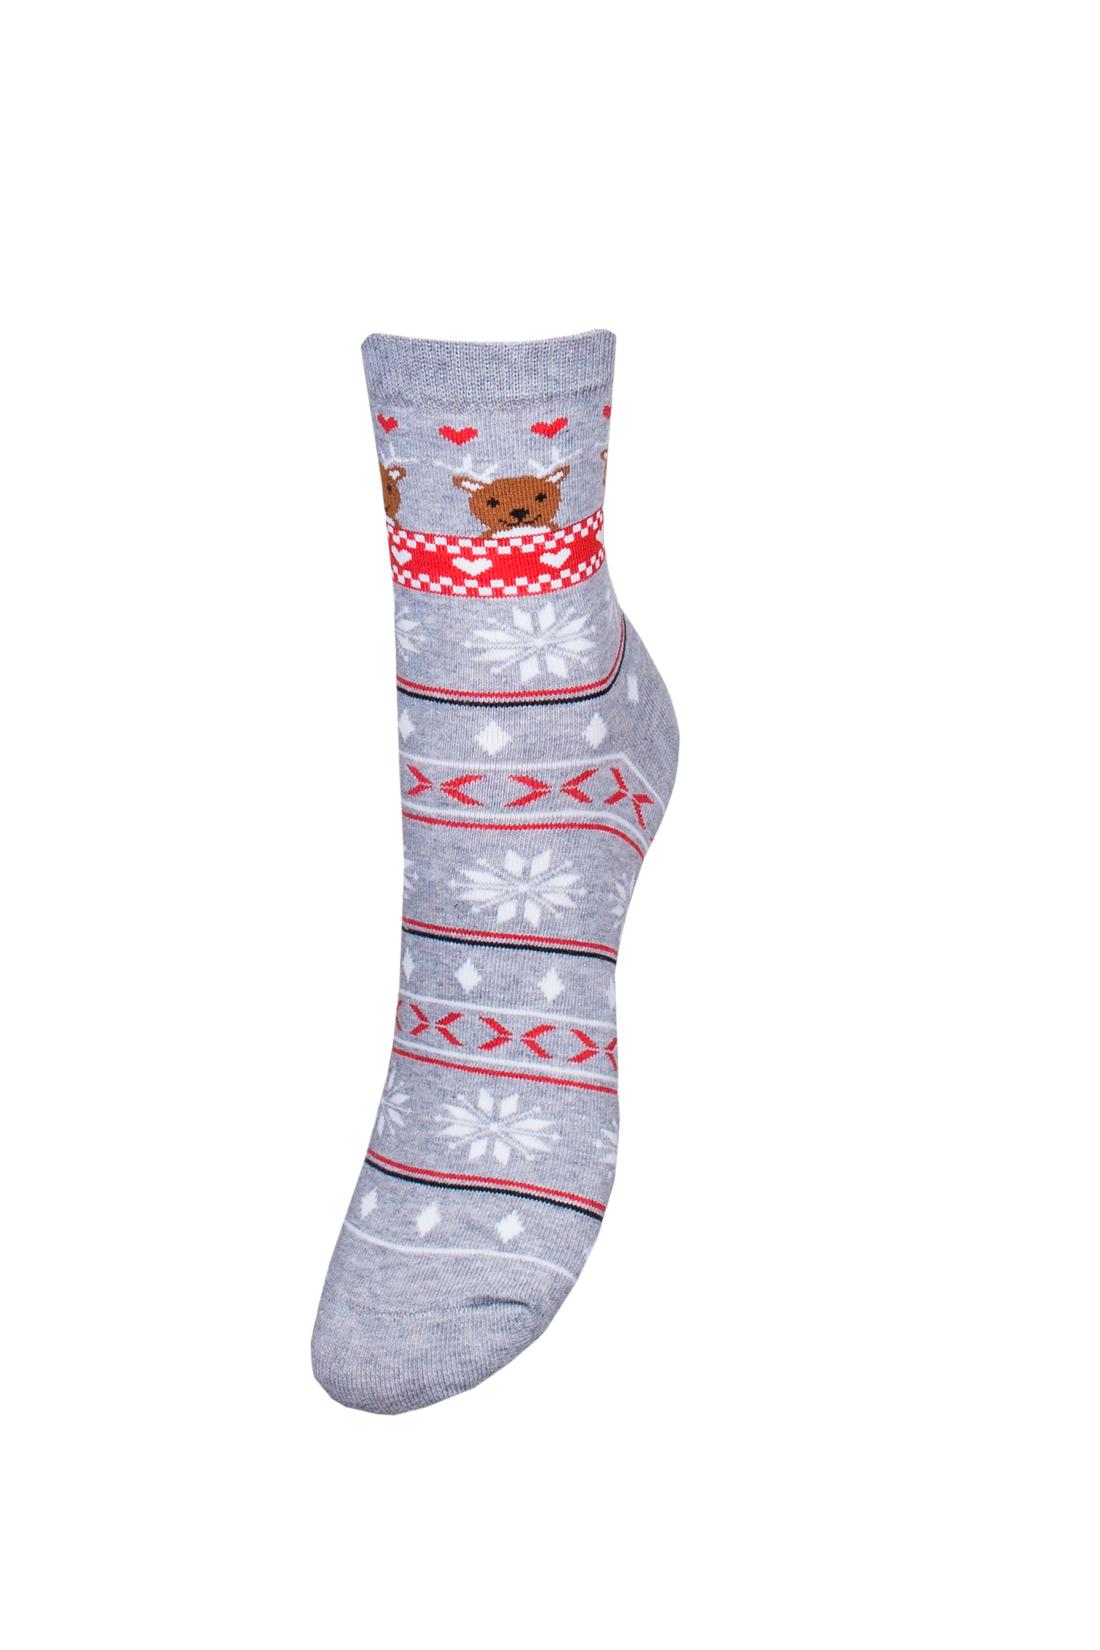 Skarpetki świąteczne damskie szare, norweskie w renifery